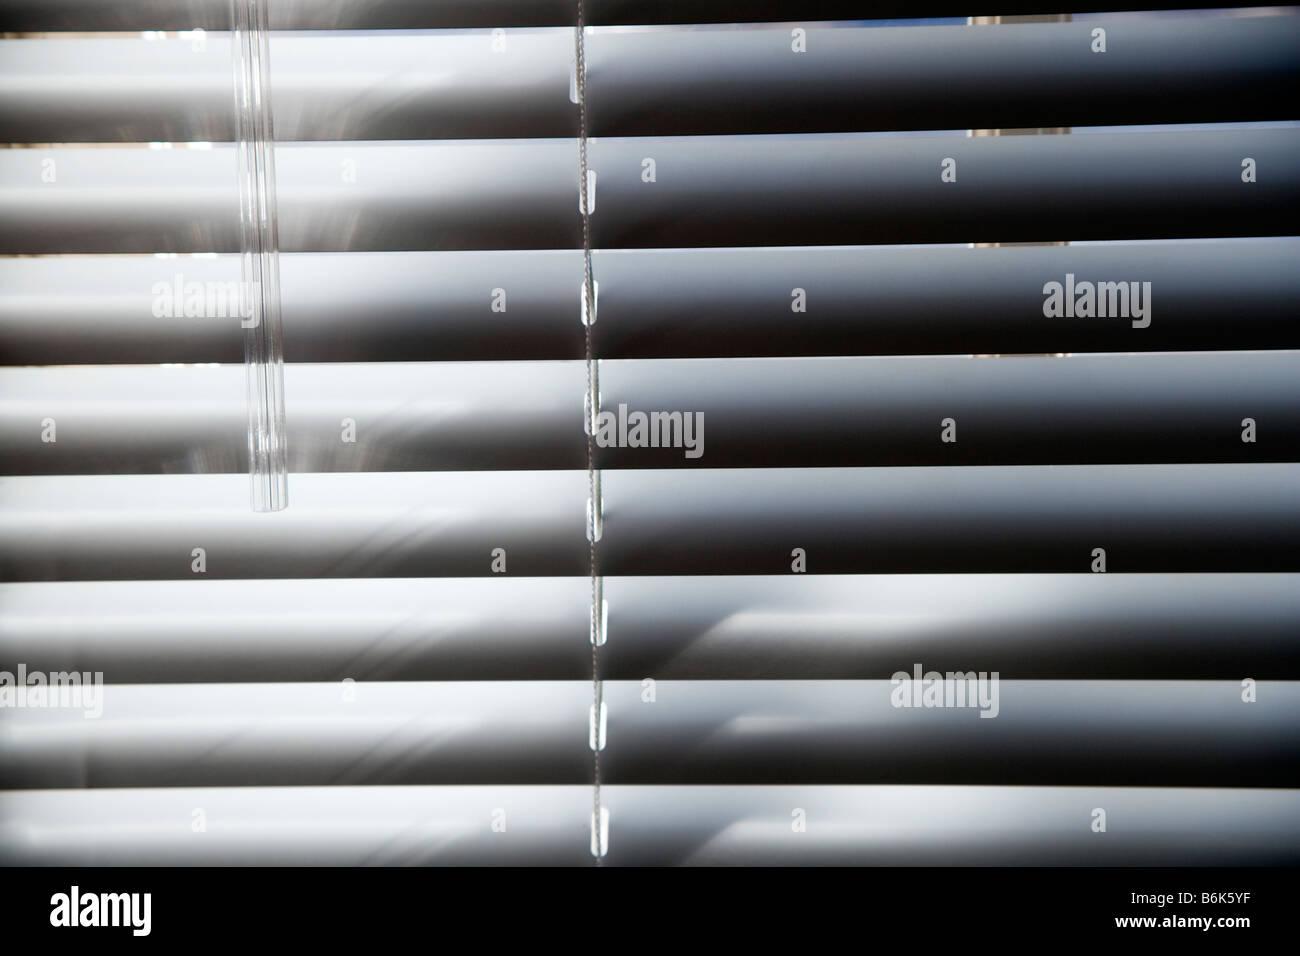 Abstrakte Foto des Sonnenlichts auf Horizontal-Jalousien Stockbild